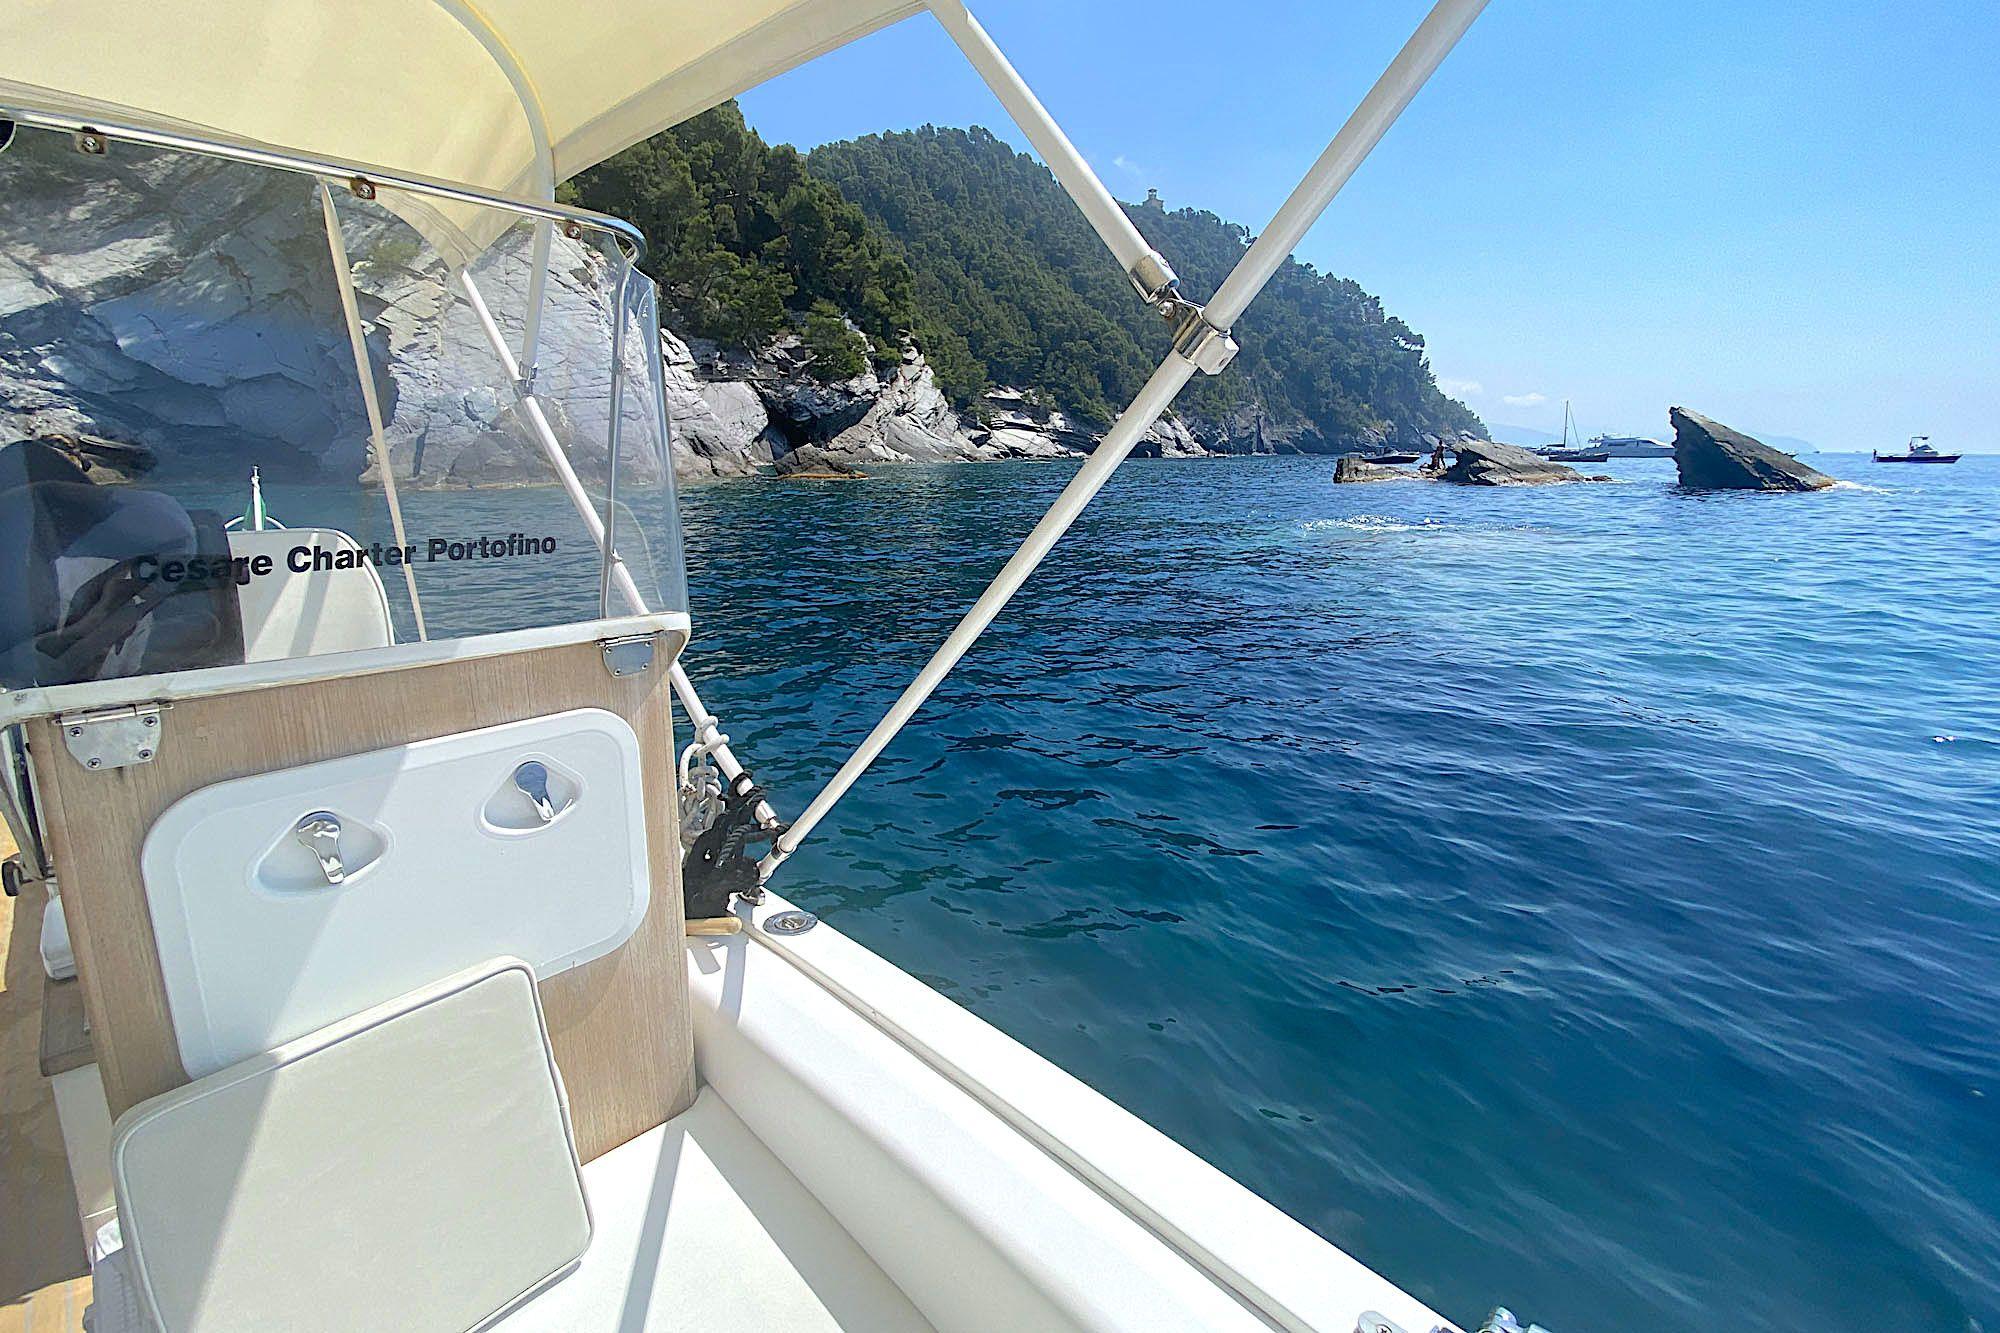 Cesare Charter Portofino - Tour Cinque Terre, bagno e snorkeling nelle acque liguri